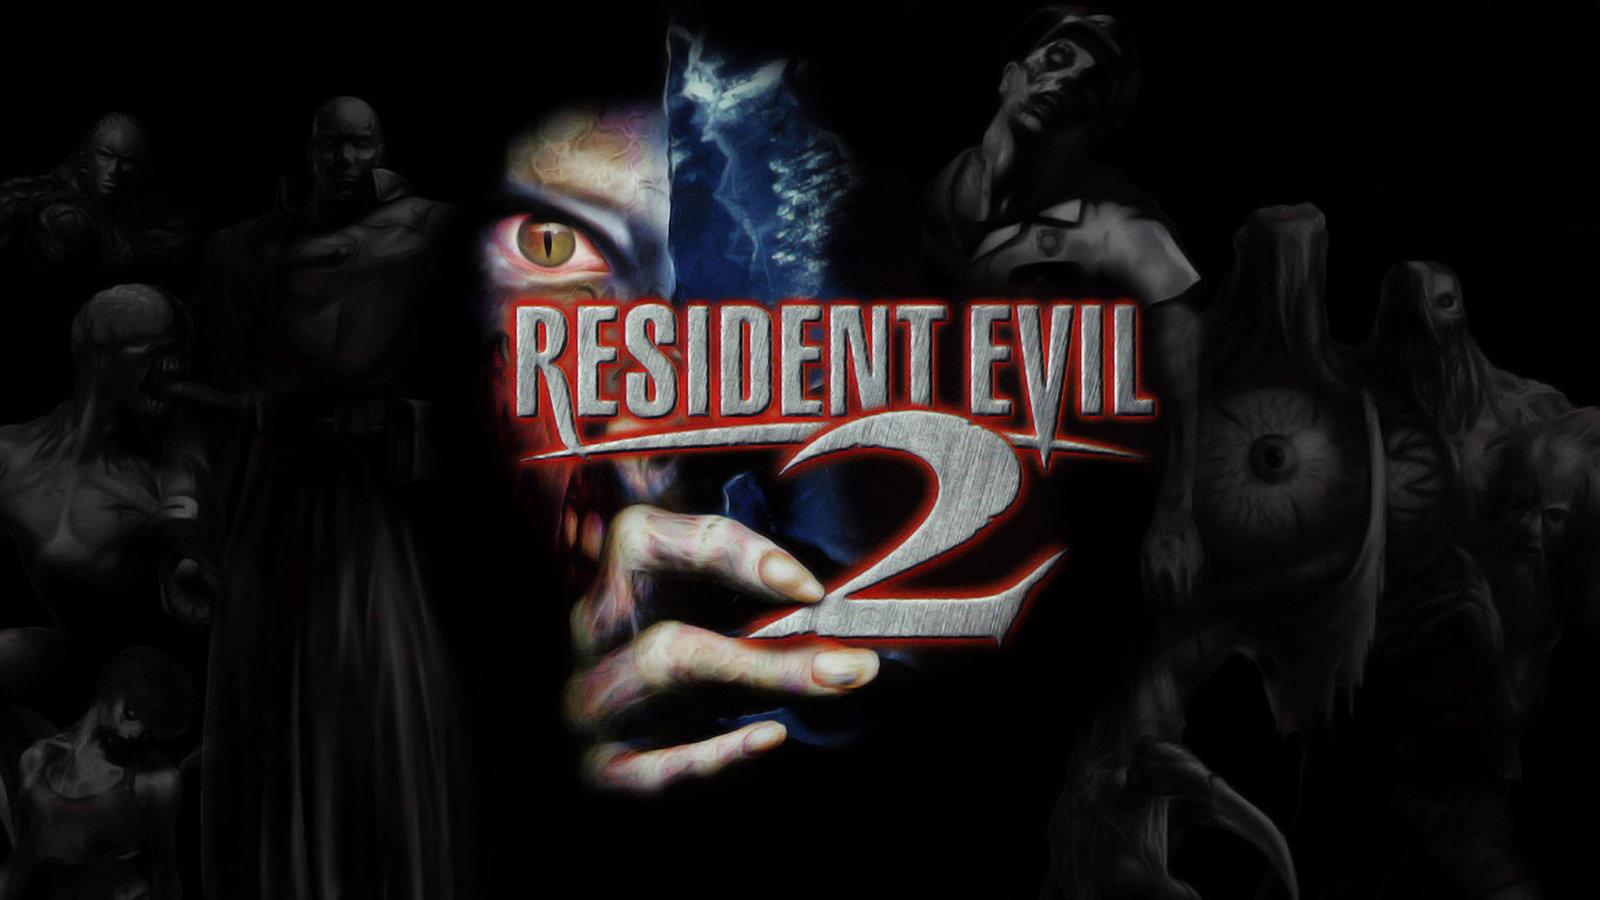 Si habrá remake de Resident Evil 2